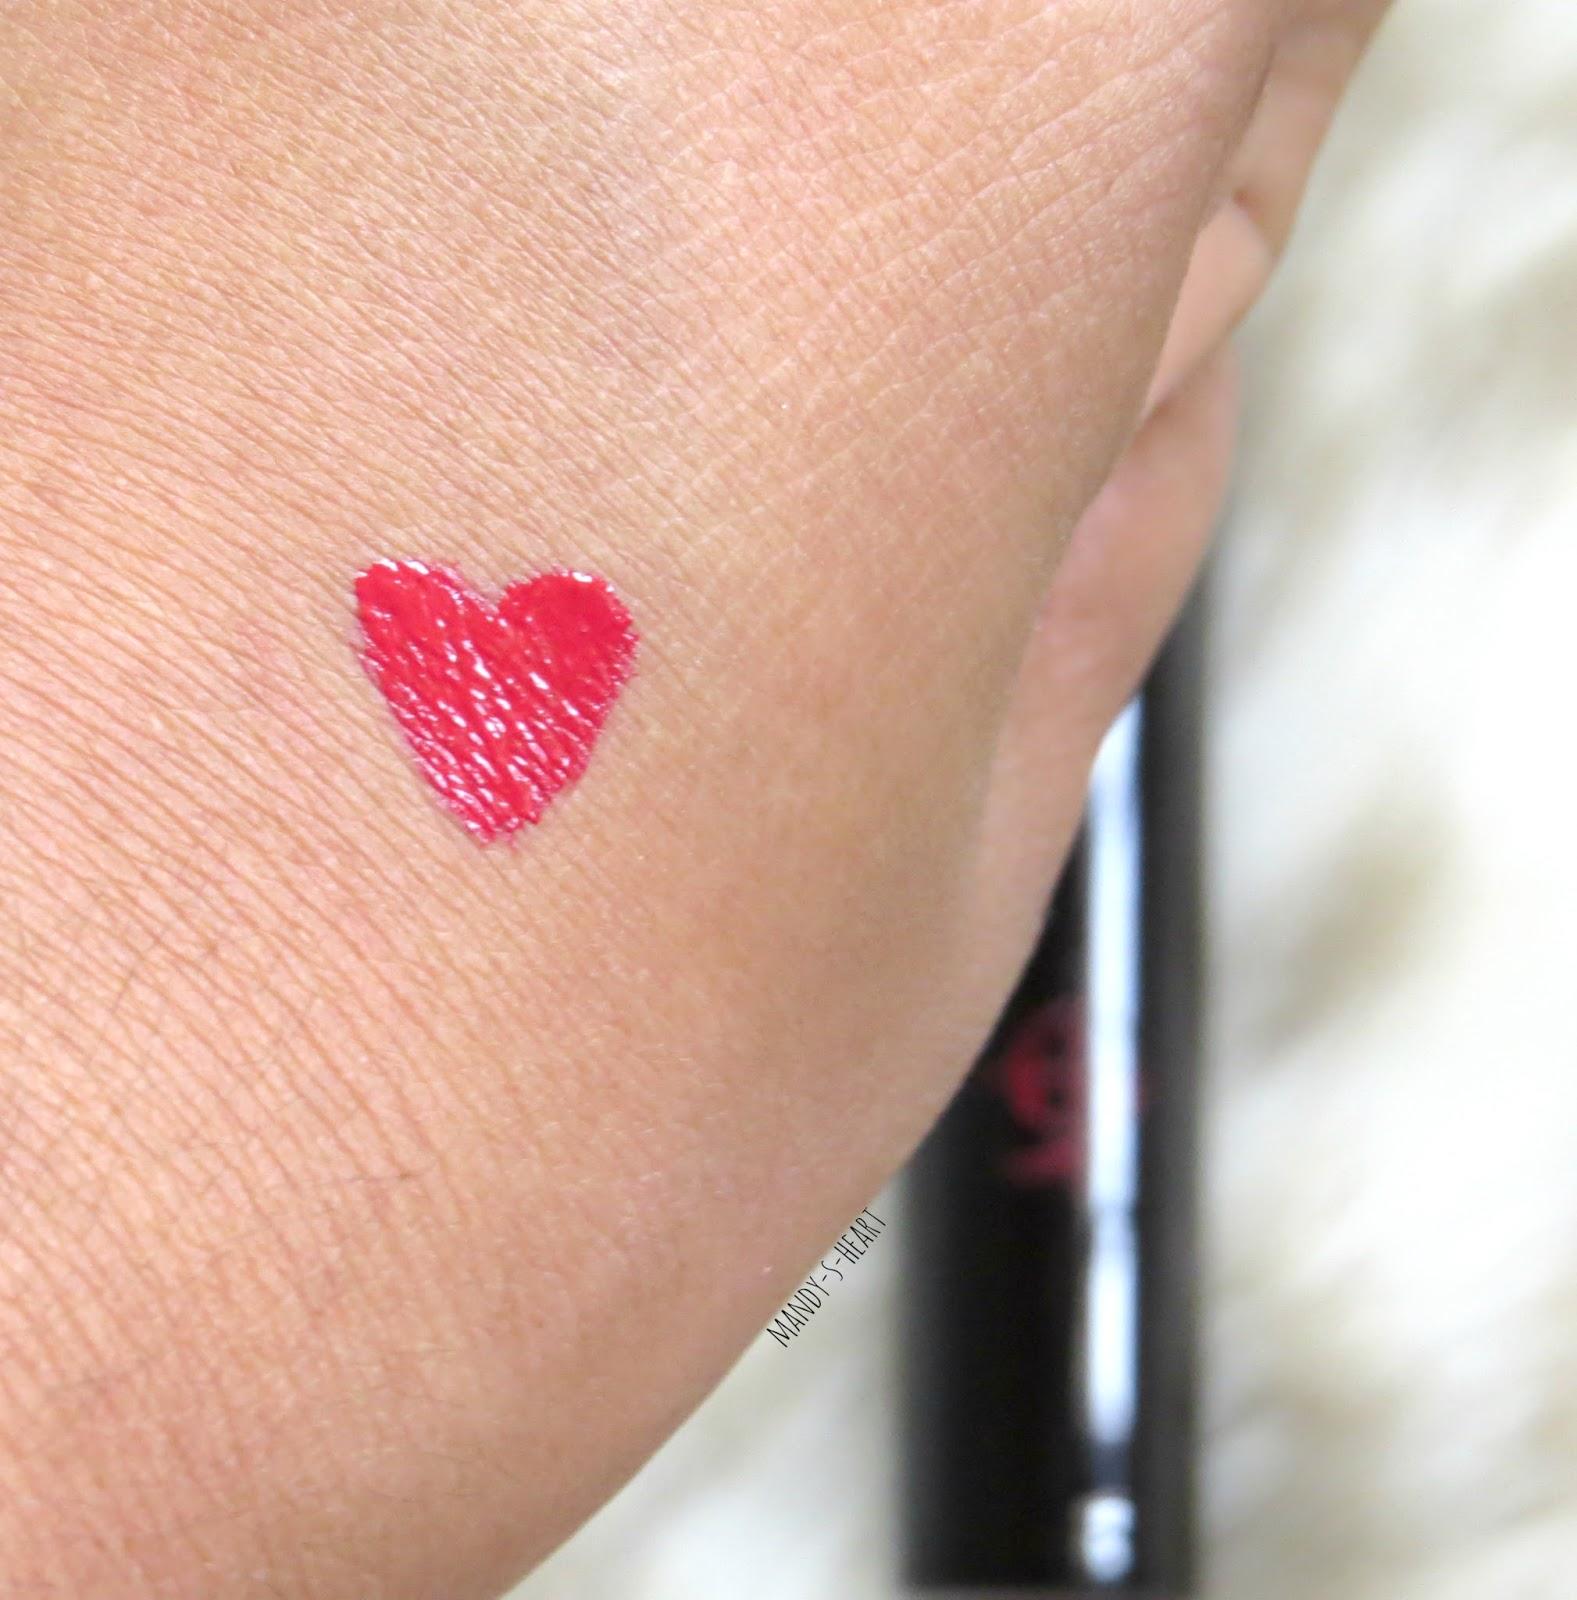 Hypnotica Liquid Lip Lure by Illamasqua #16